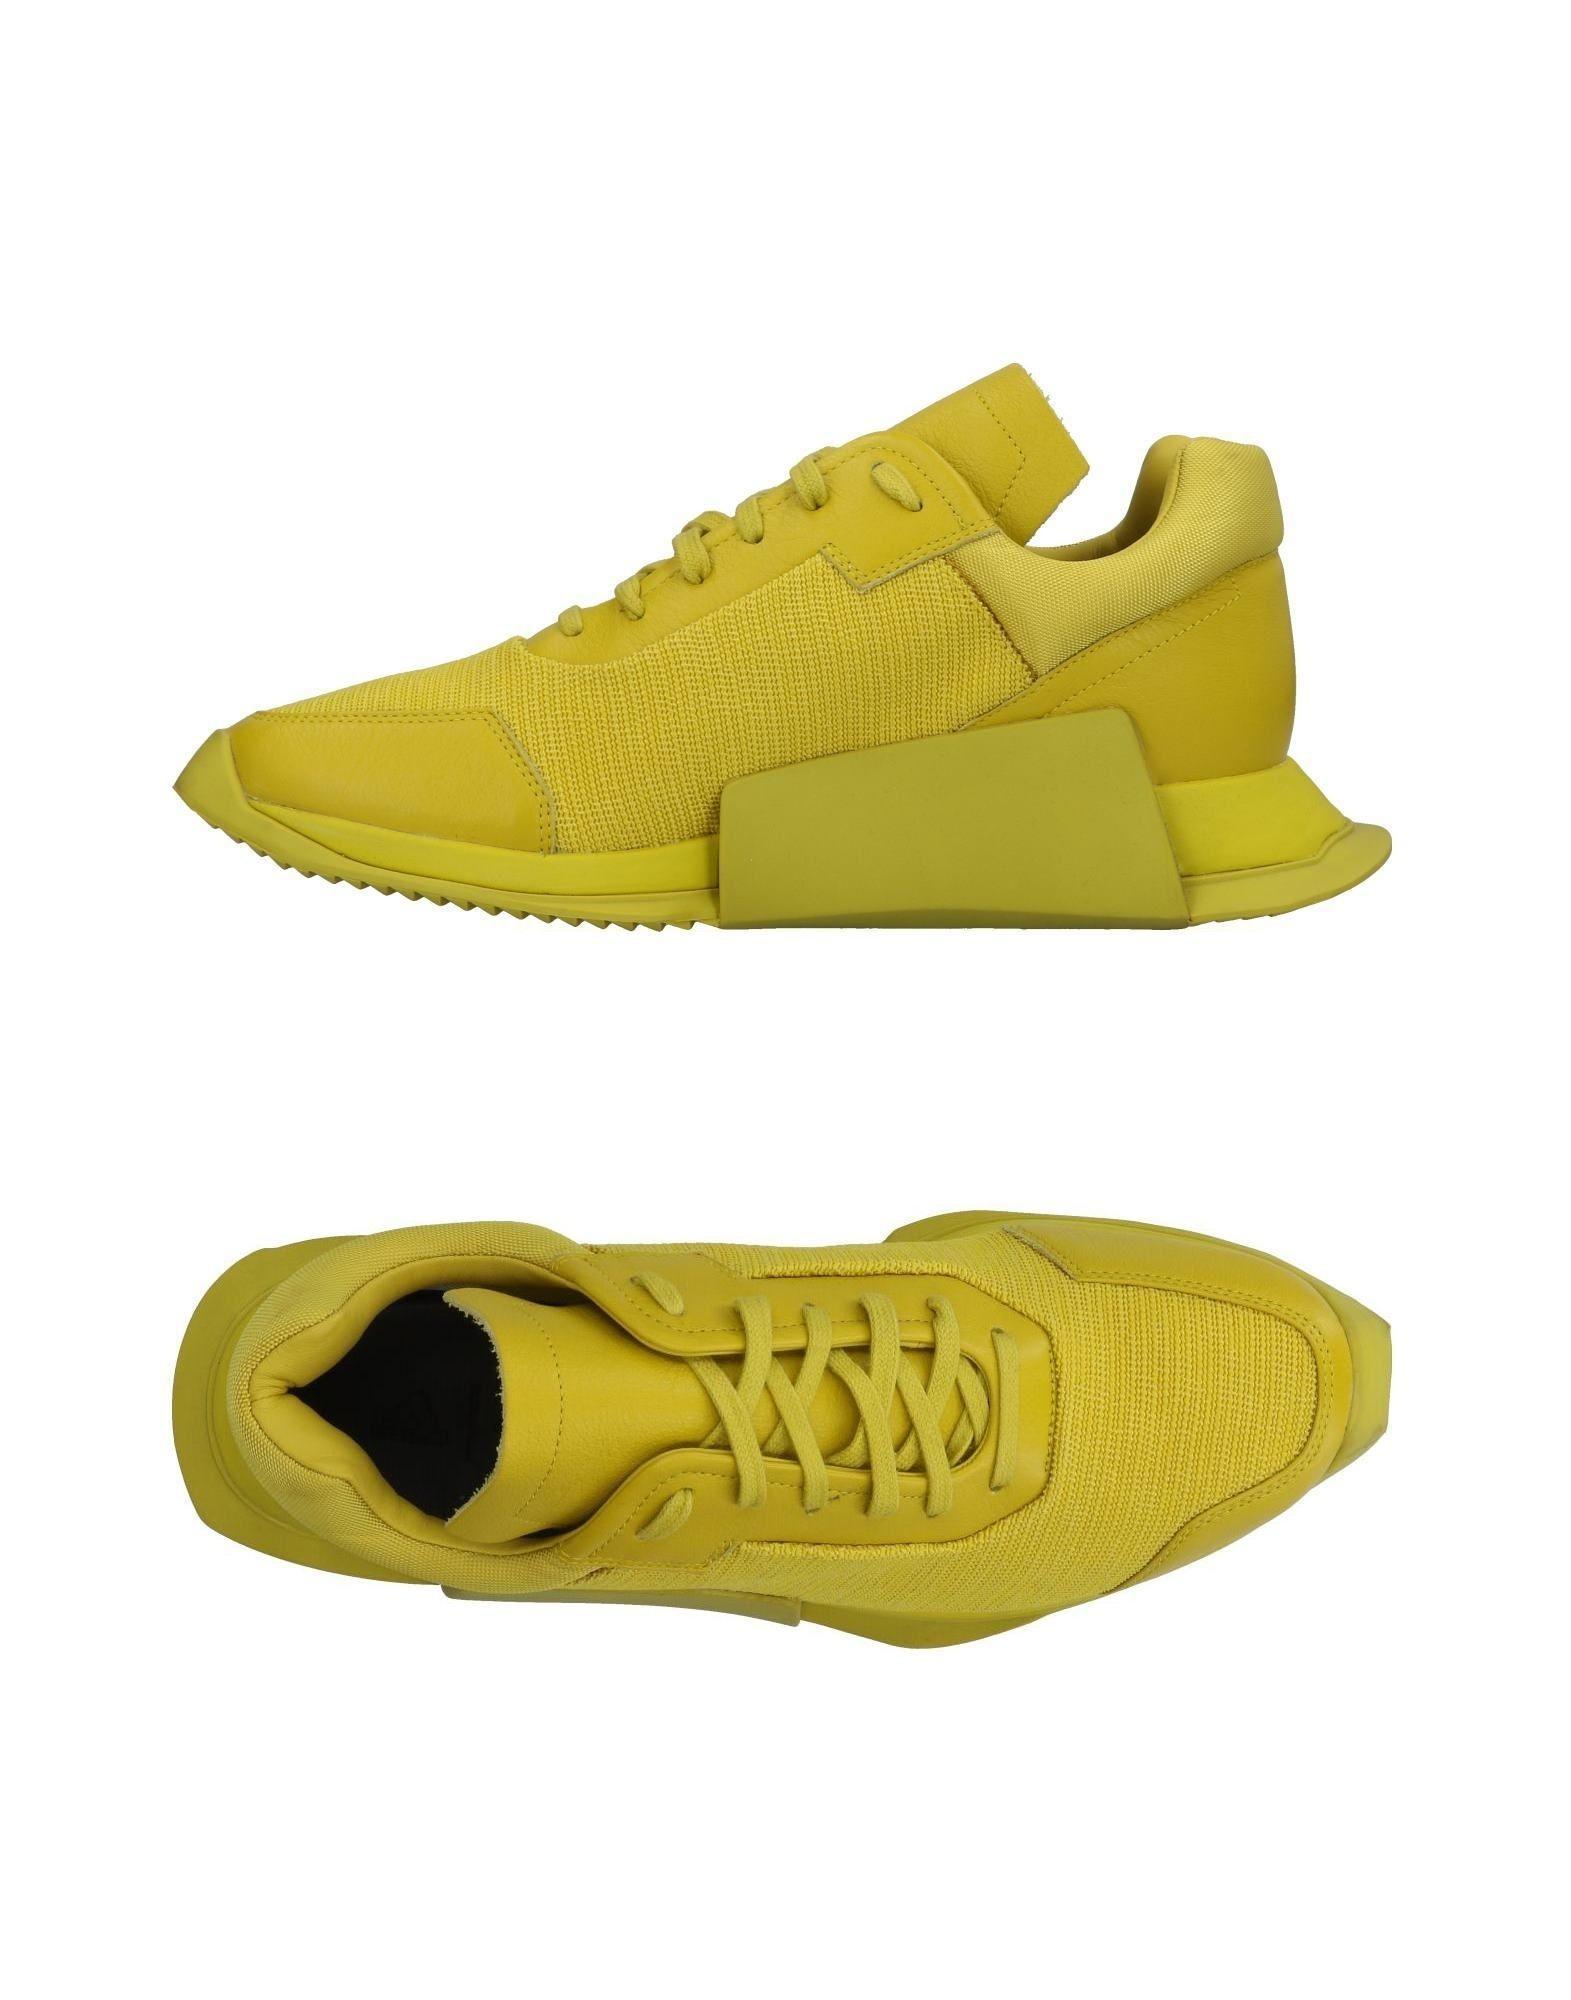 719b6329d52 Ro Level Runner Low Ii Sneakers In Yellow in Yellow/Orange